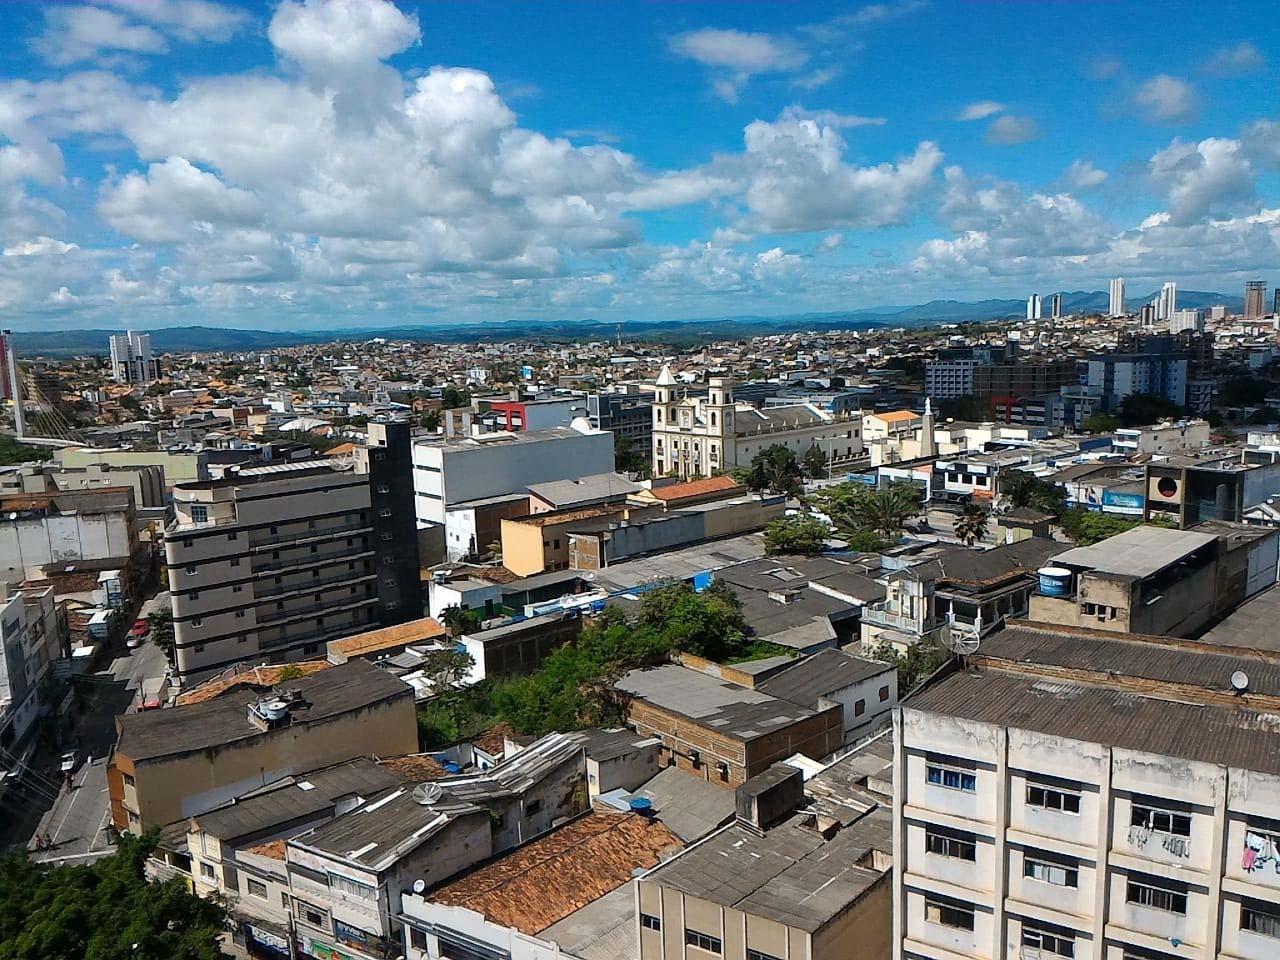 campina1809 - MANUTENÇÃO ELÉTRICA E LIMPEZA: Vai faltar água em Campina Grande e mais oito cidades